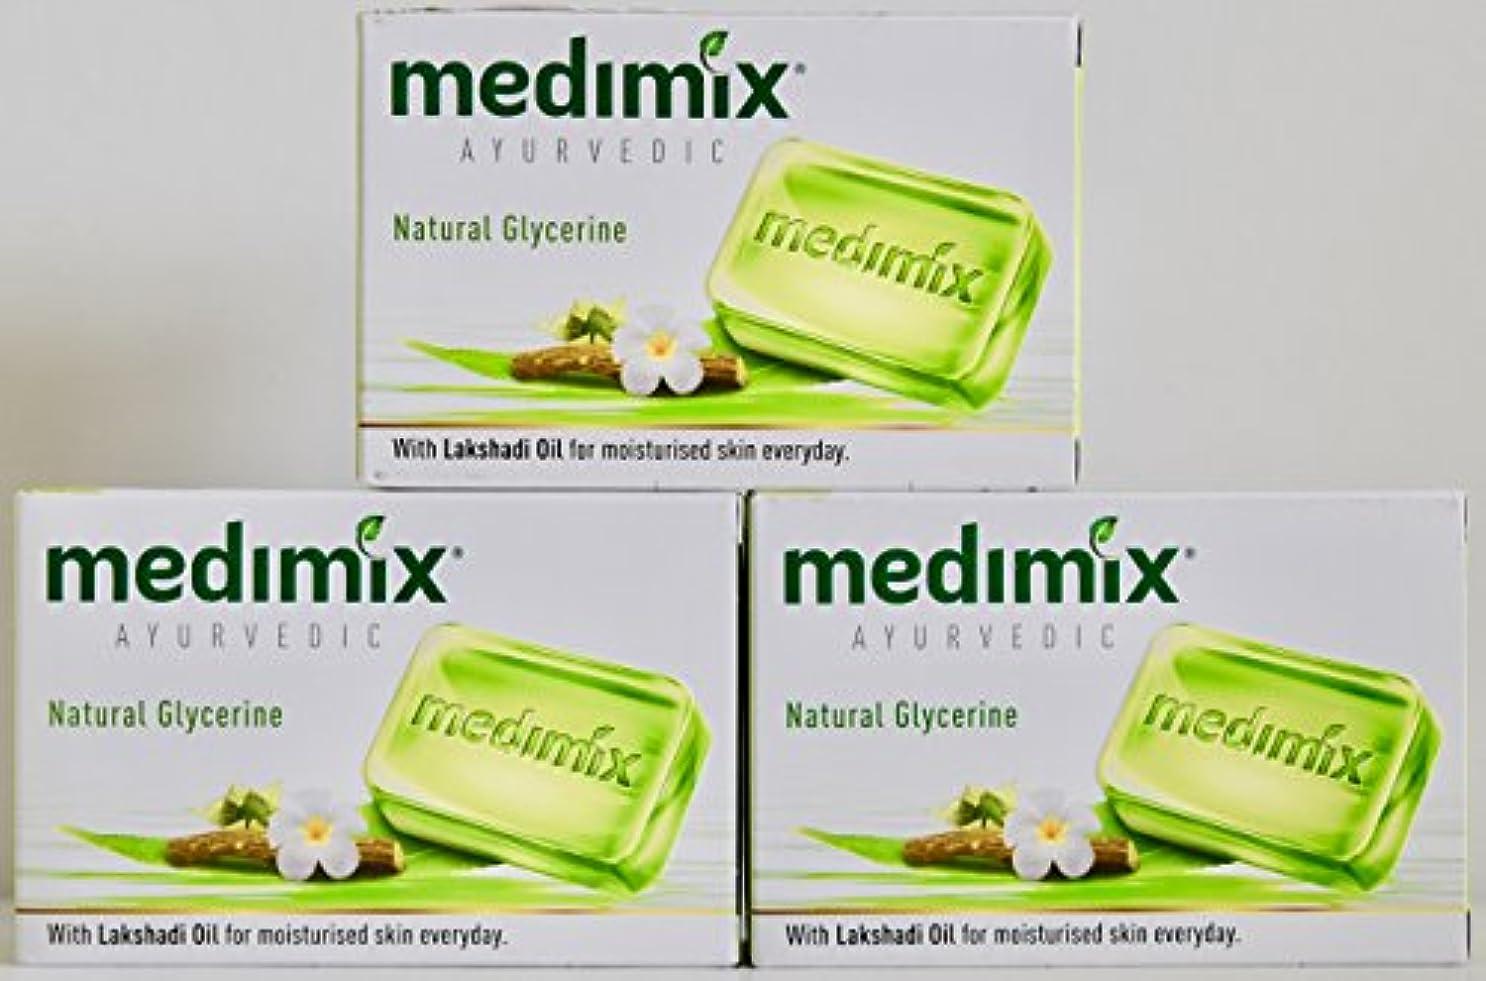 労働制限された嫉妬MEDIMIX メディミックス アーユルヴェディック ナチュラルグリセリン 3個入り  125g